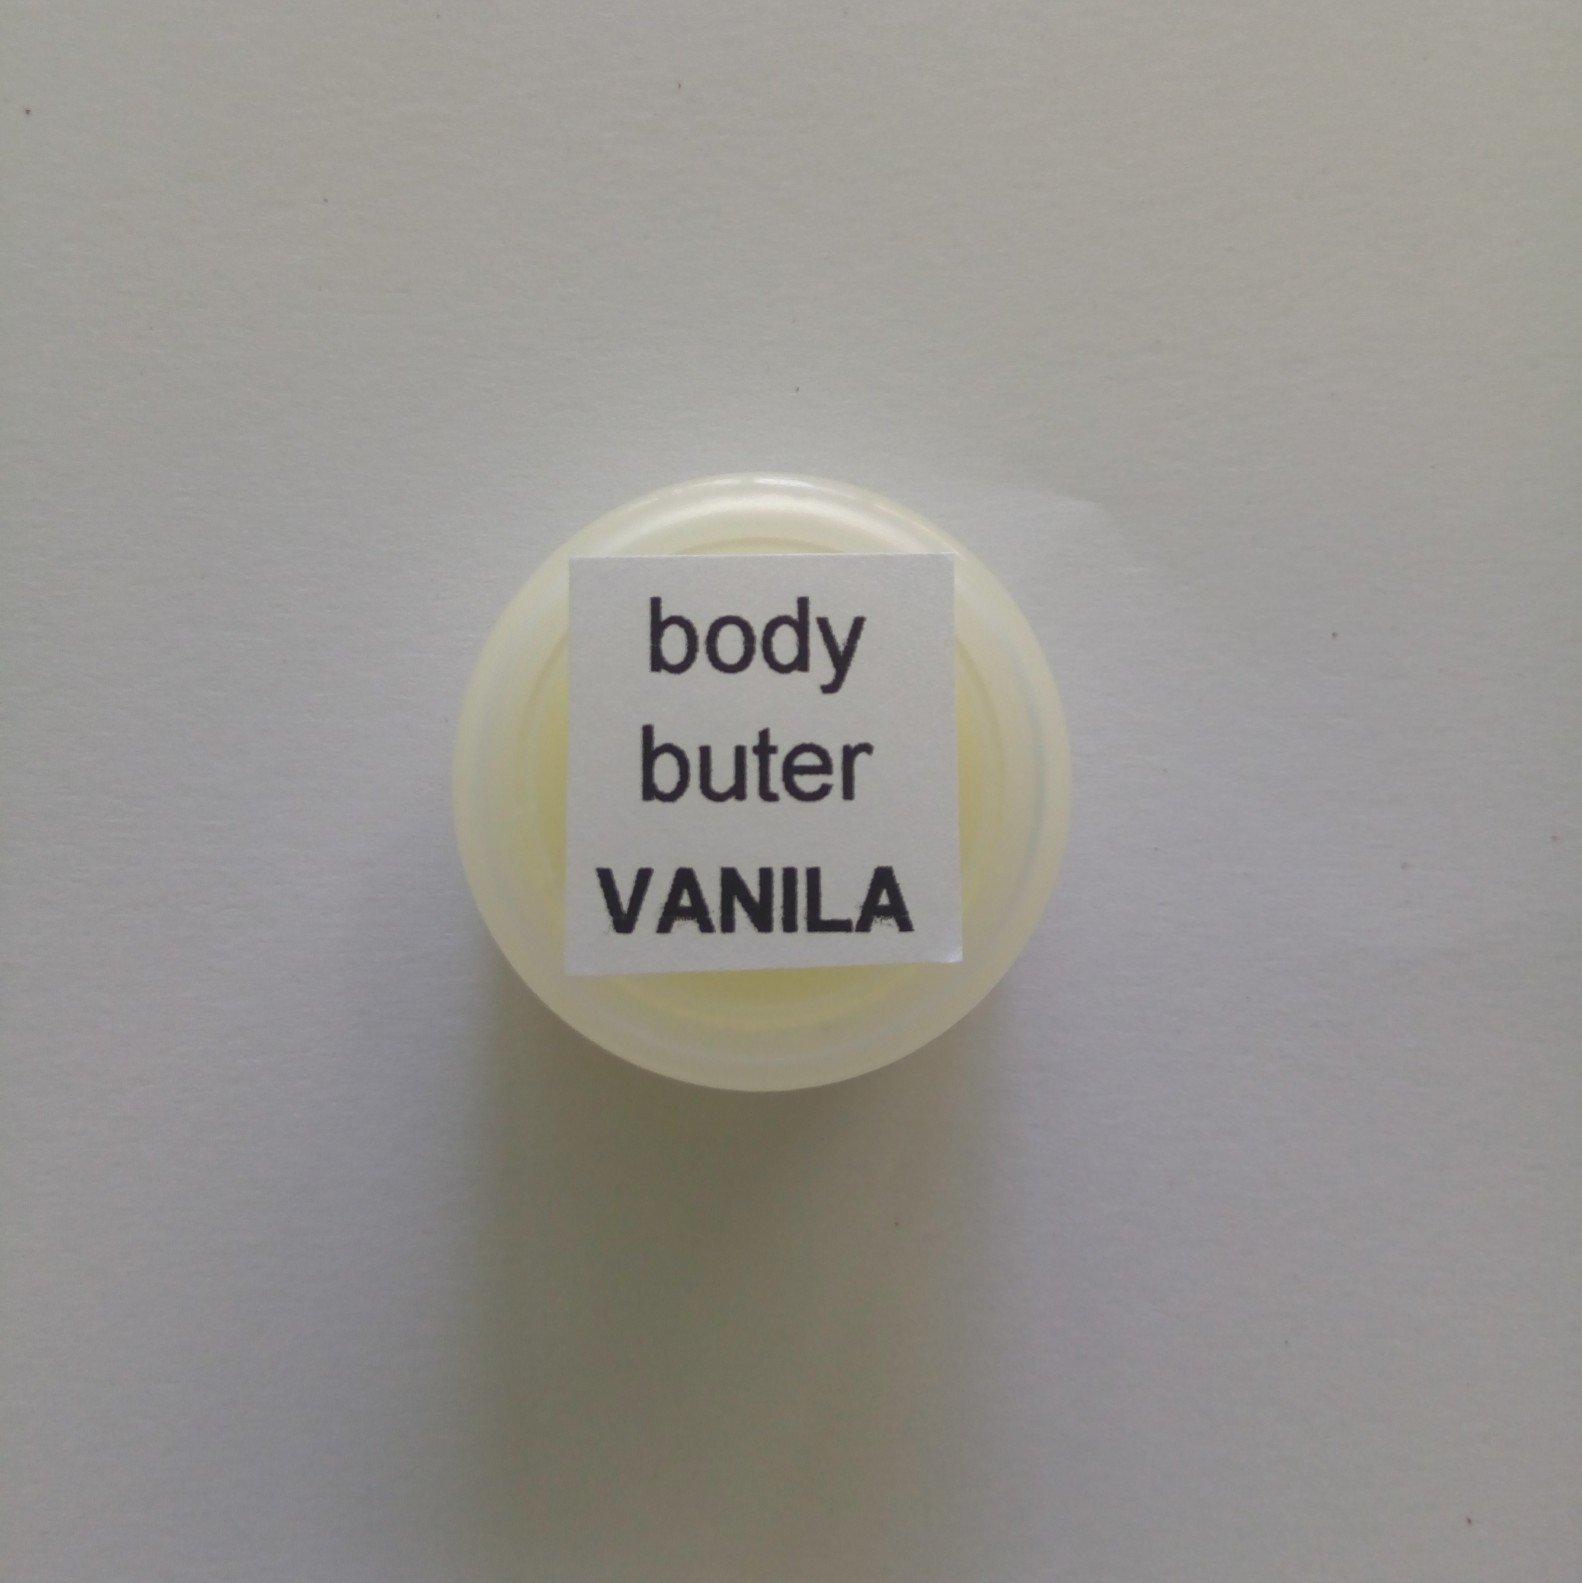 Herbateria - Tester body buter vanila 5 ml 00438